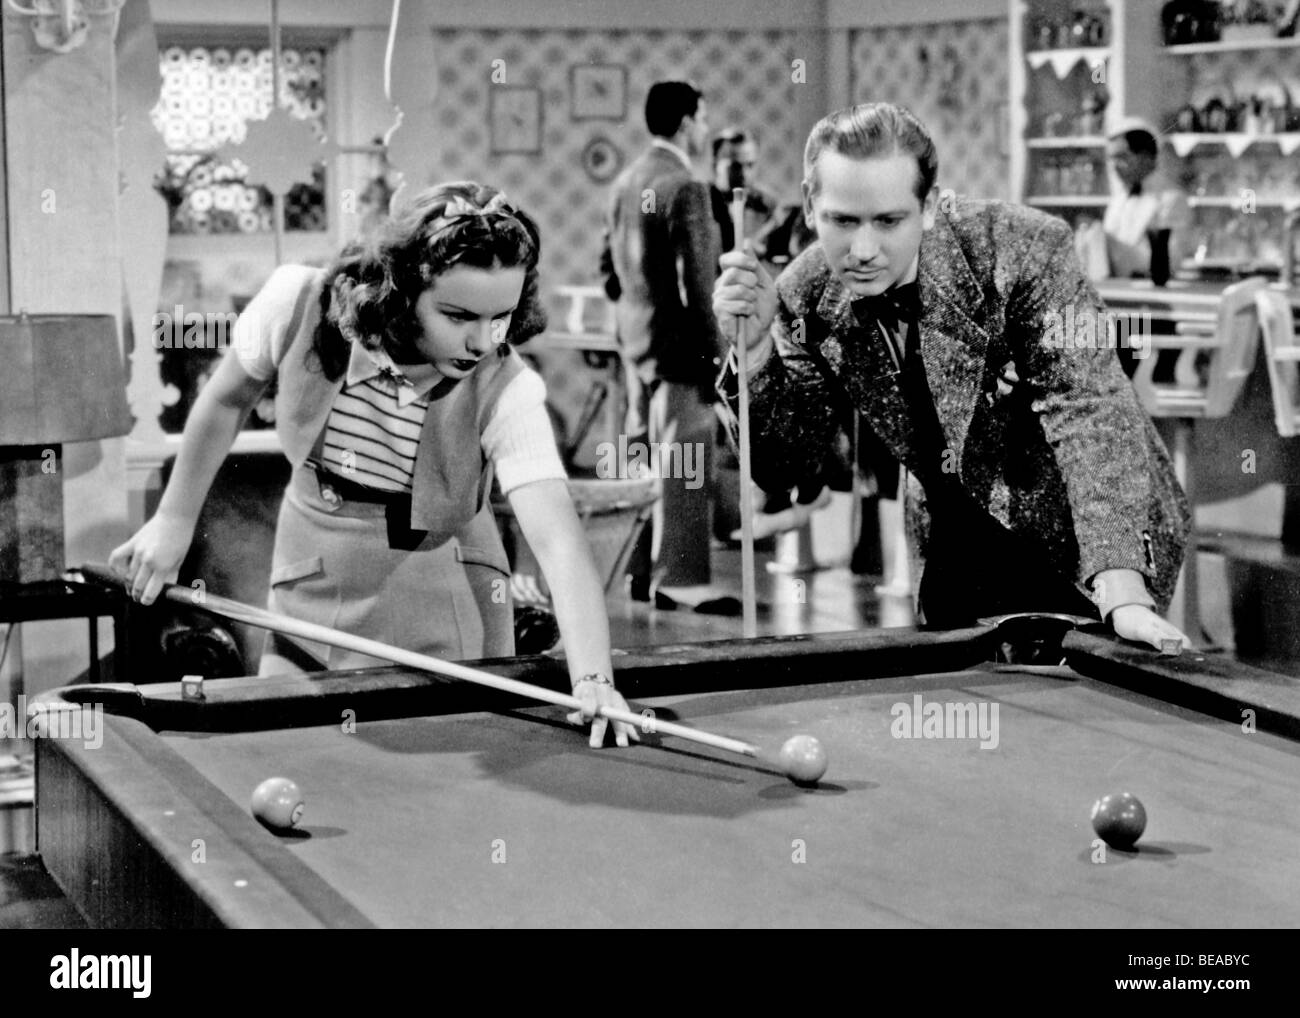 DIESEM bestimmten Alter - 1938 Universal Film mit Deanne Durbin Stockbild